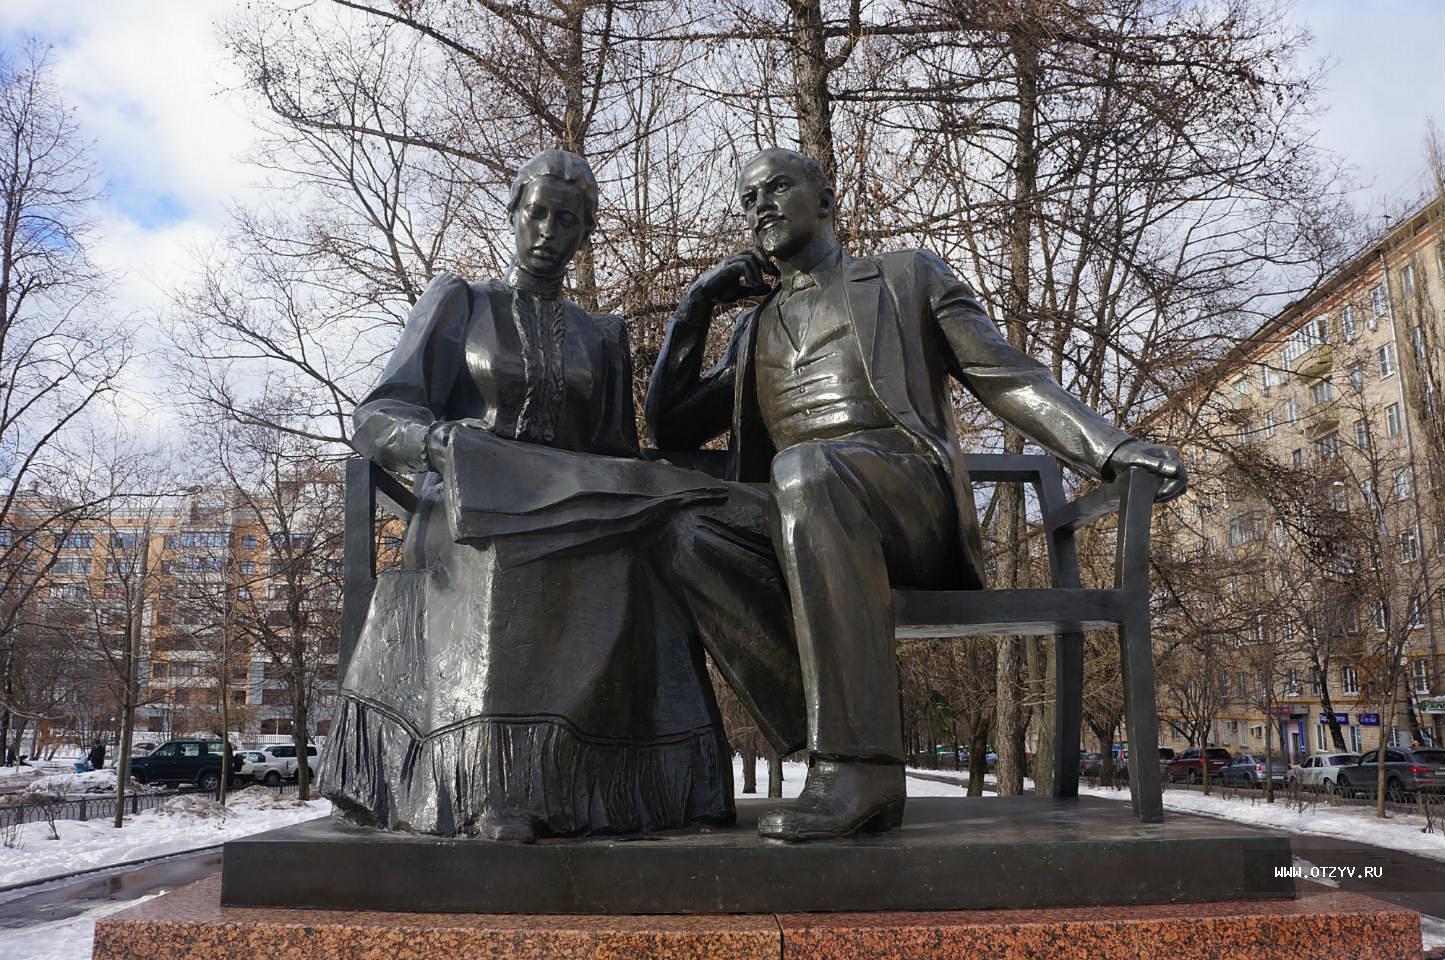 Цены на памятники тверь Камышин изготовление памятники на могилу тамбов